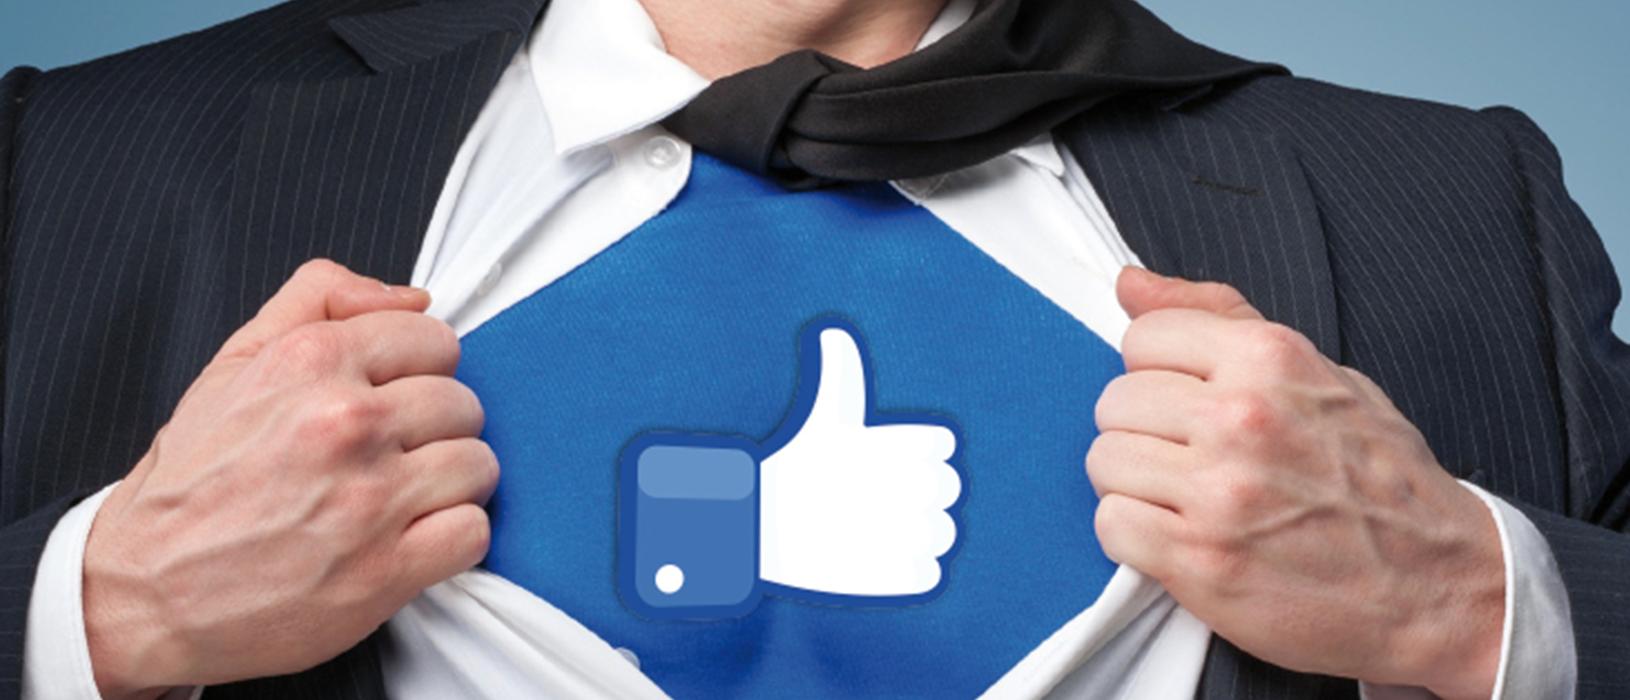 Durch eine individuelle Facebook-Strategie wird das soziale Netzwerk zum entscheidenden Erfolgsfaktor. Foto: DIM